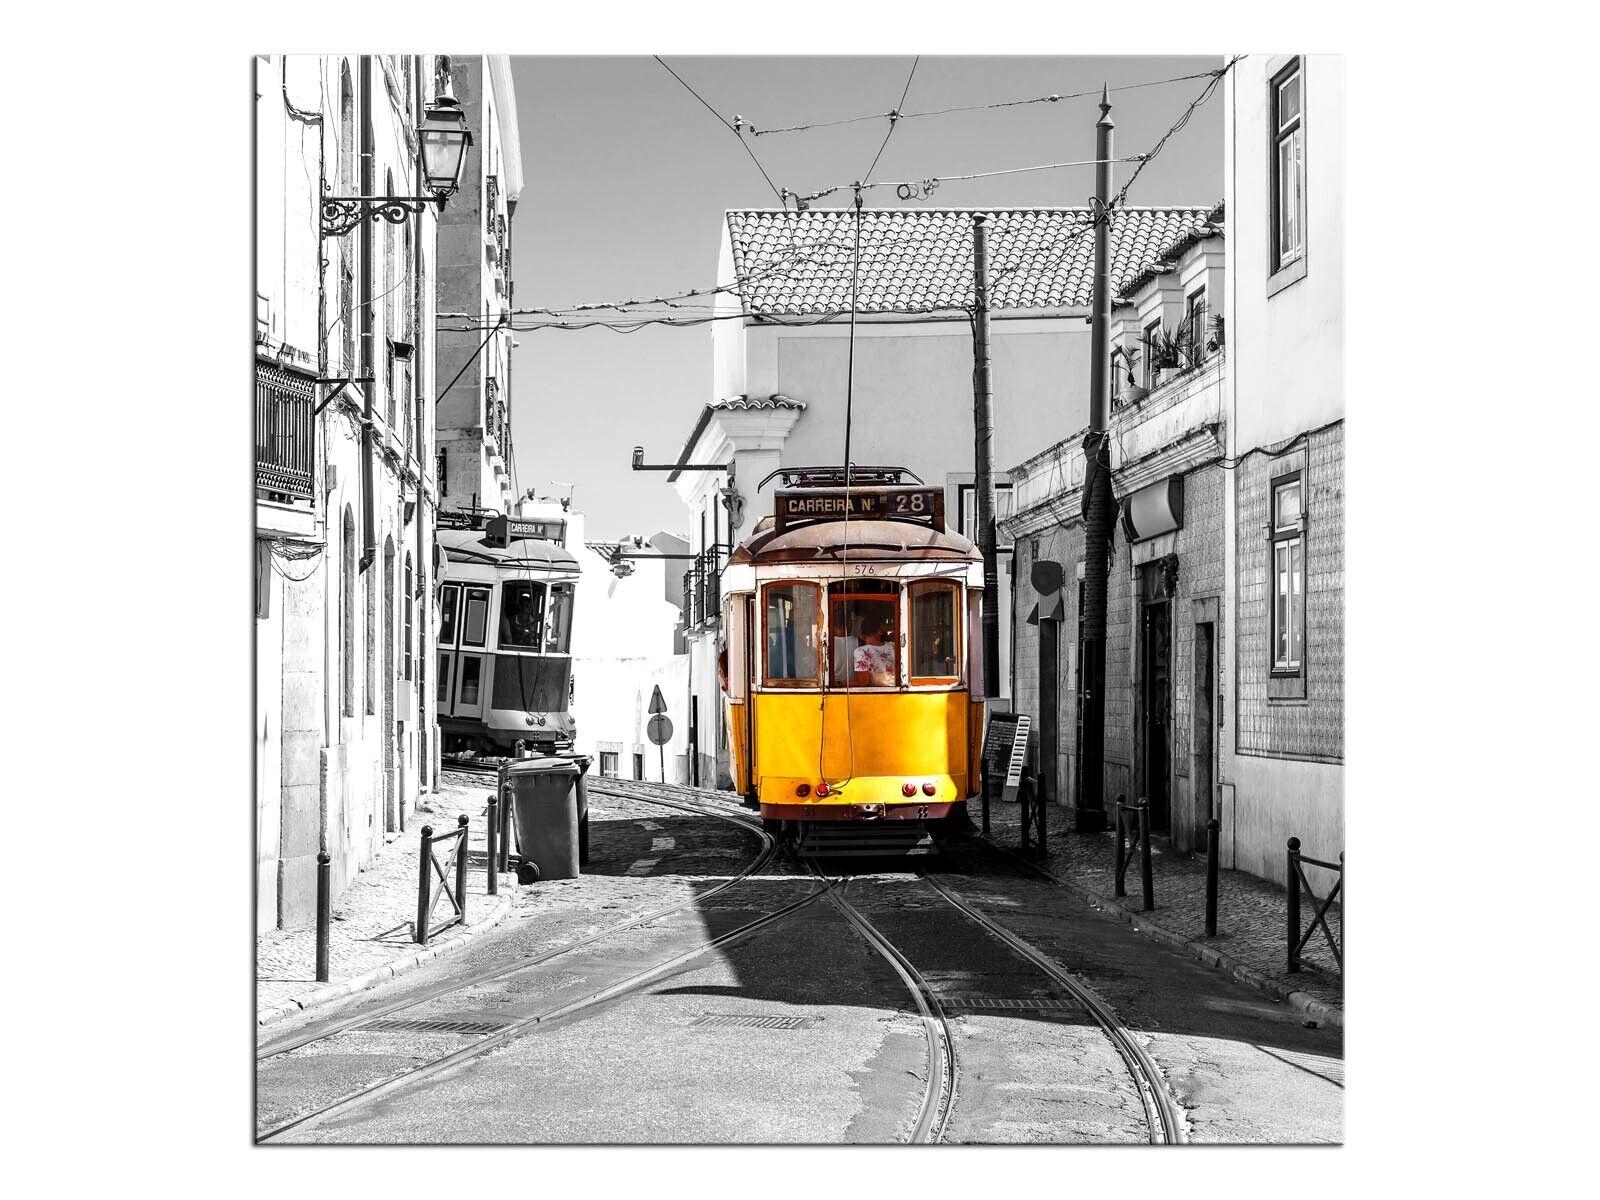 Lissabon Wandbild auf Keilramen bepannt A05907 Leinwandbild quadratisch